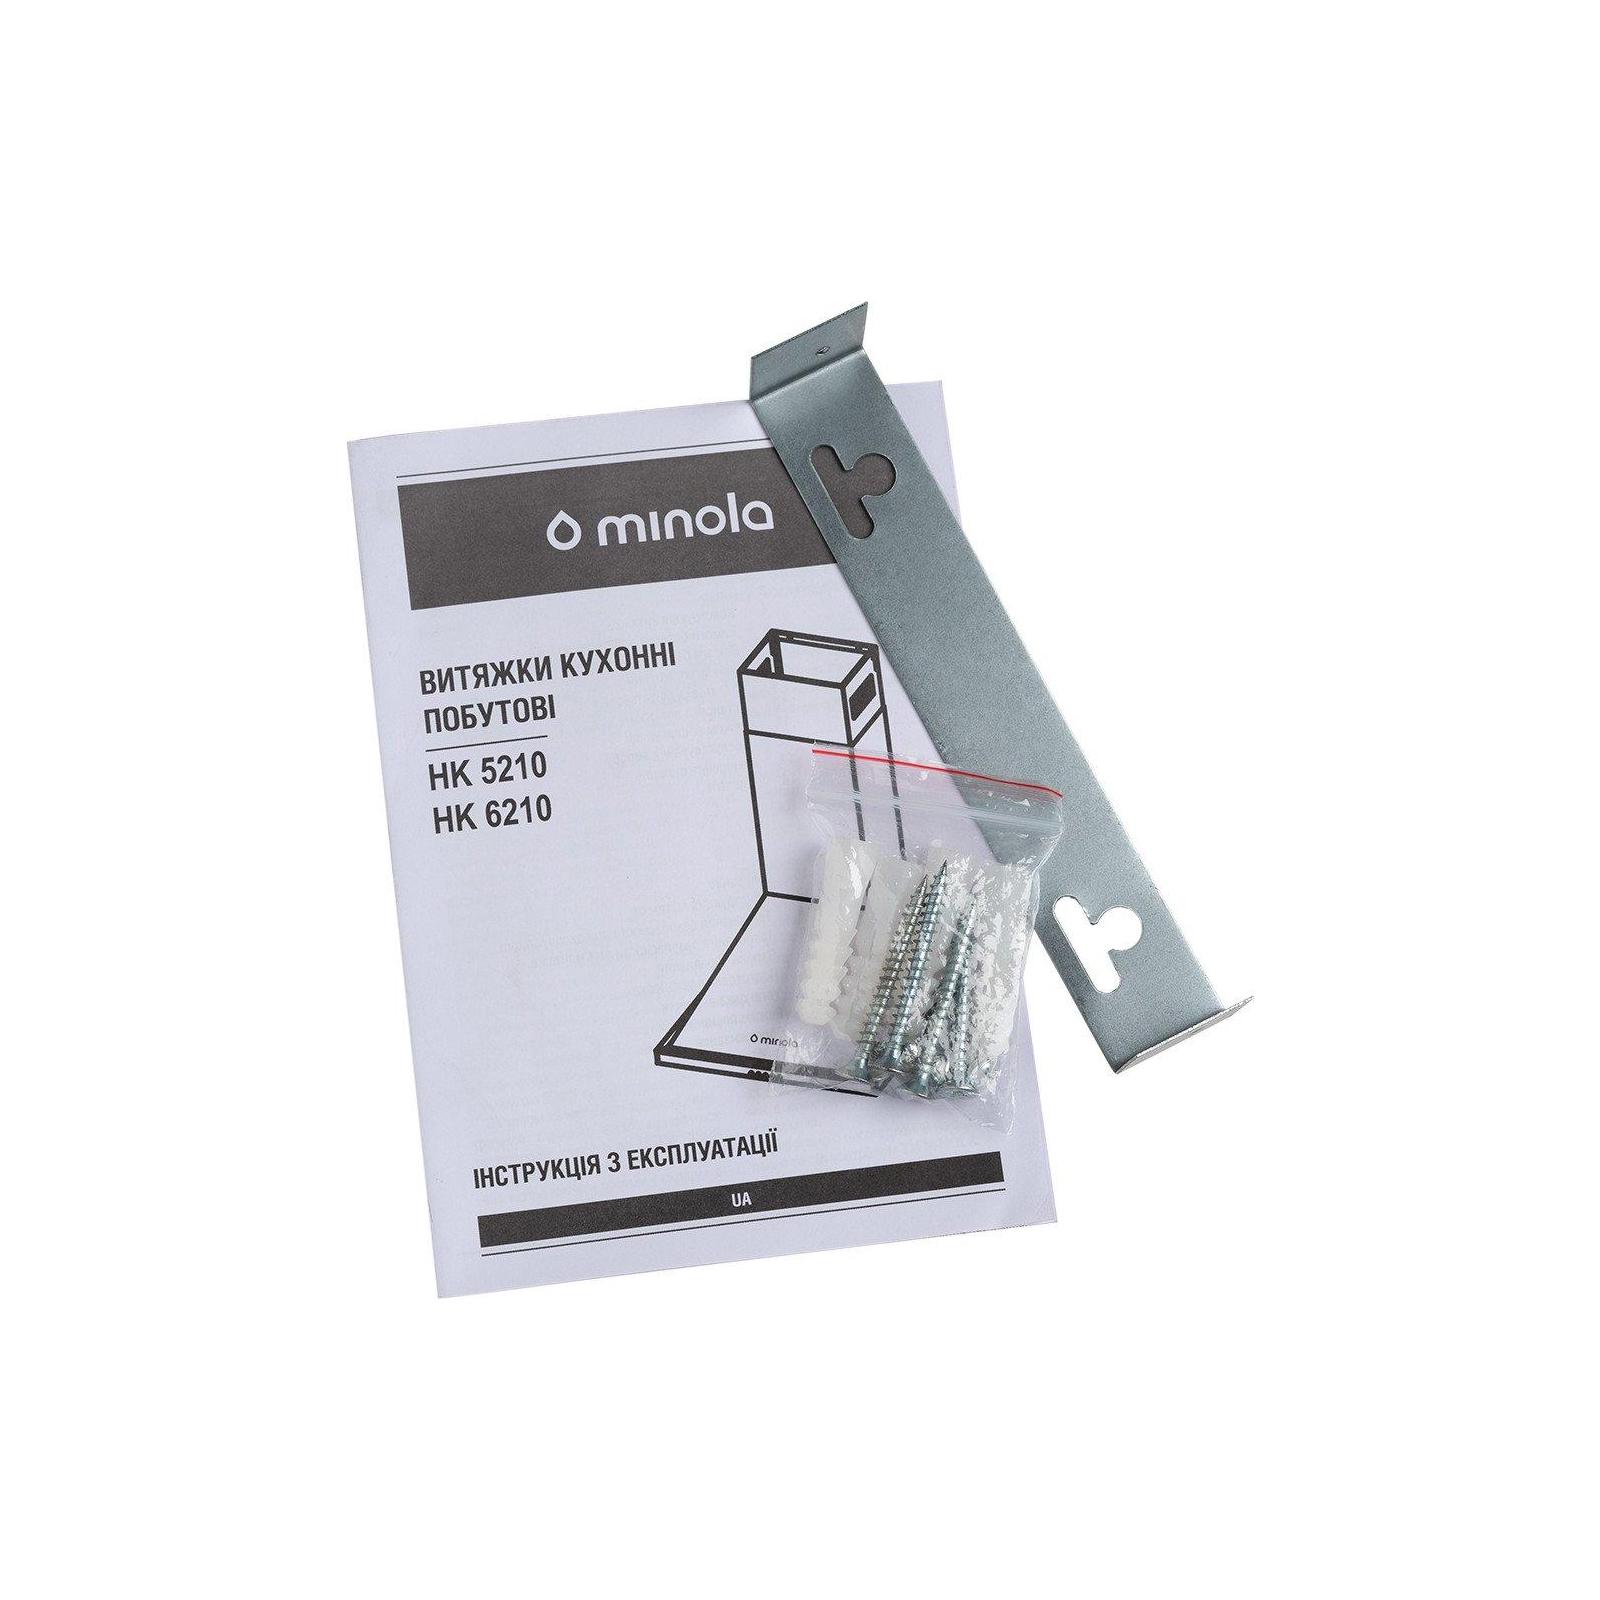 Вытяжка кухонная MINOLA HK 5210 BR 650 изображение 6